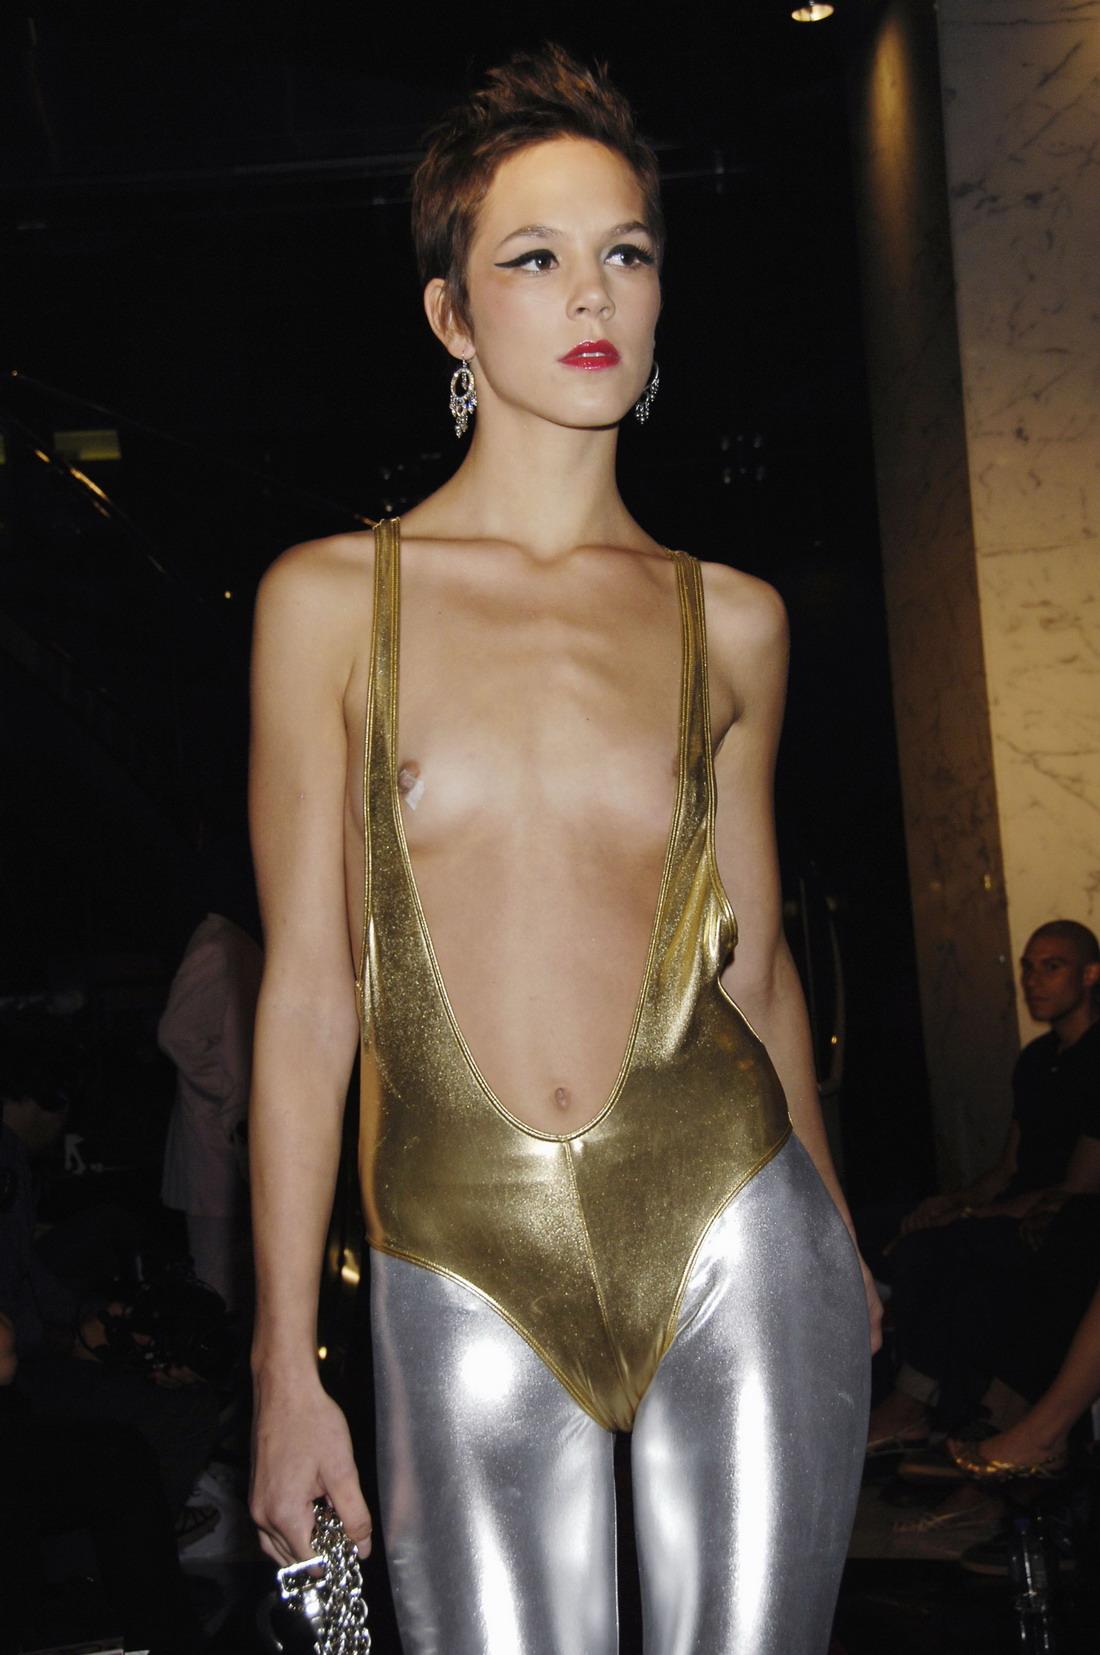 Смотреть показ мод голая мода 4 фотография